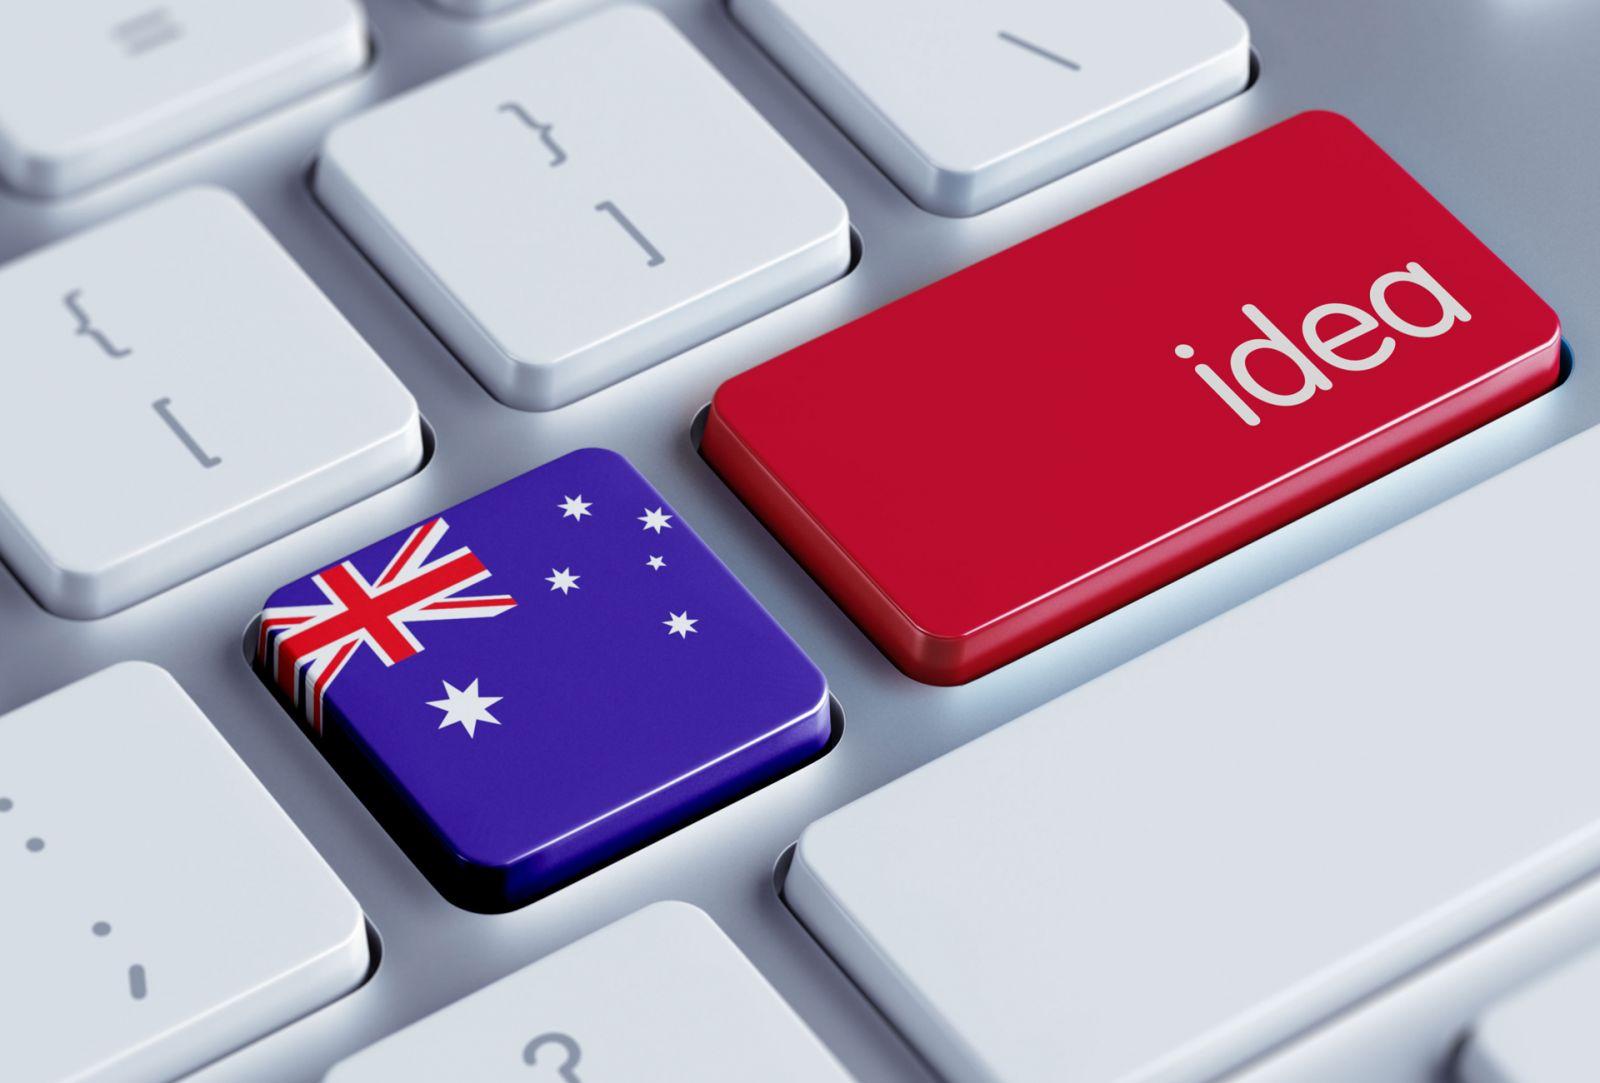 拓點只看東南亞?一個越南創業家的實地觀察:4個理由,澳洲適合亞洲新創